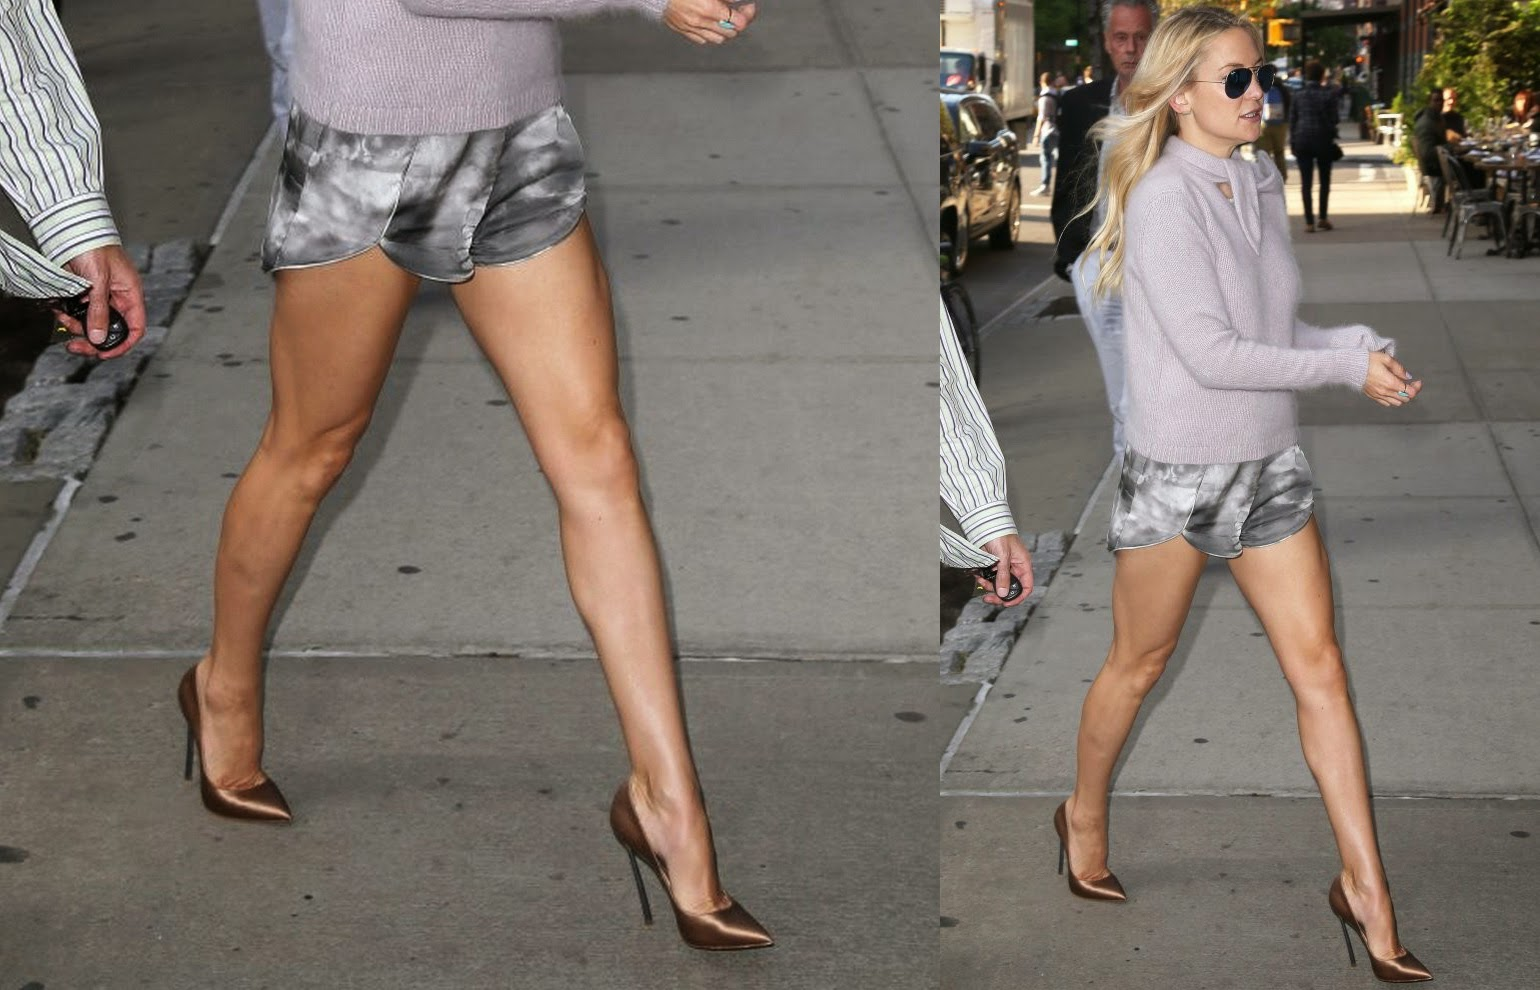 женские ножки фото